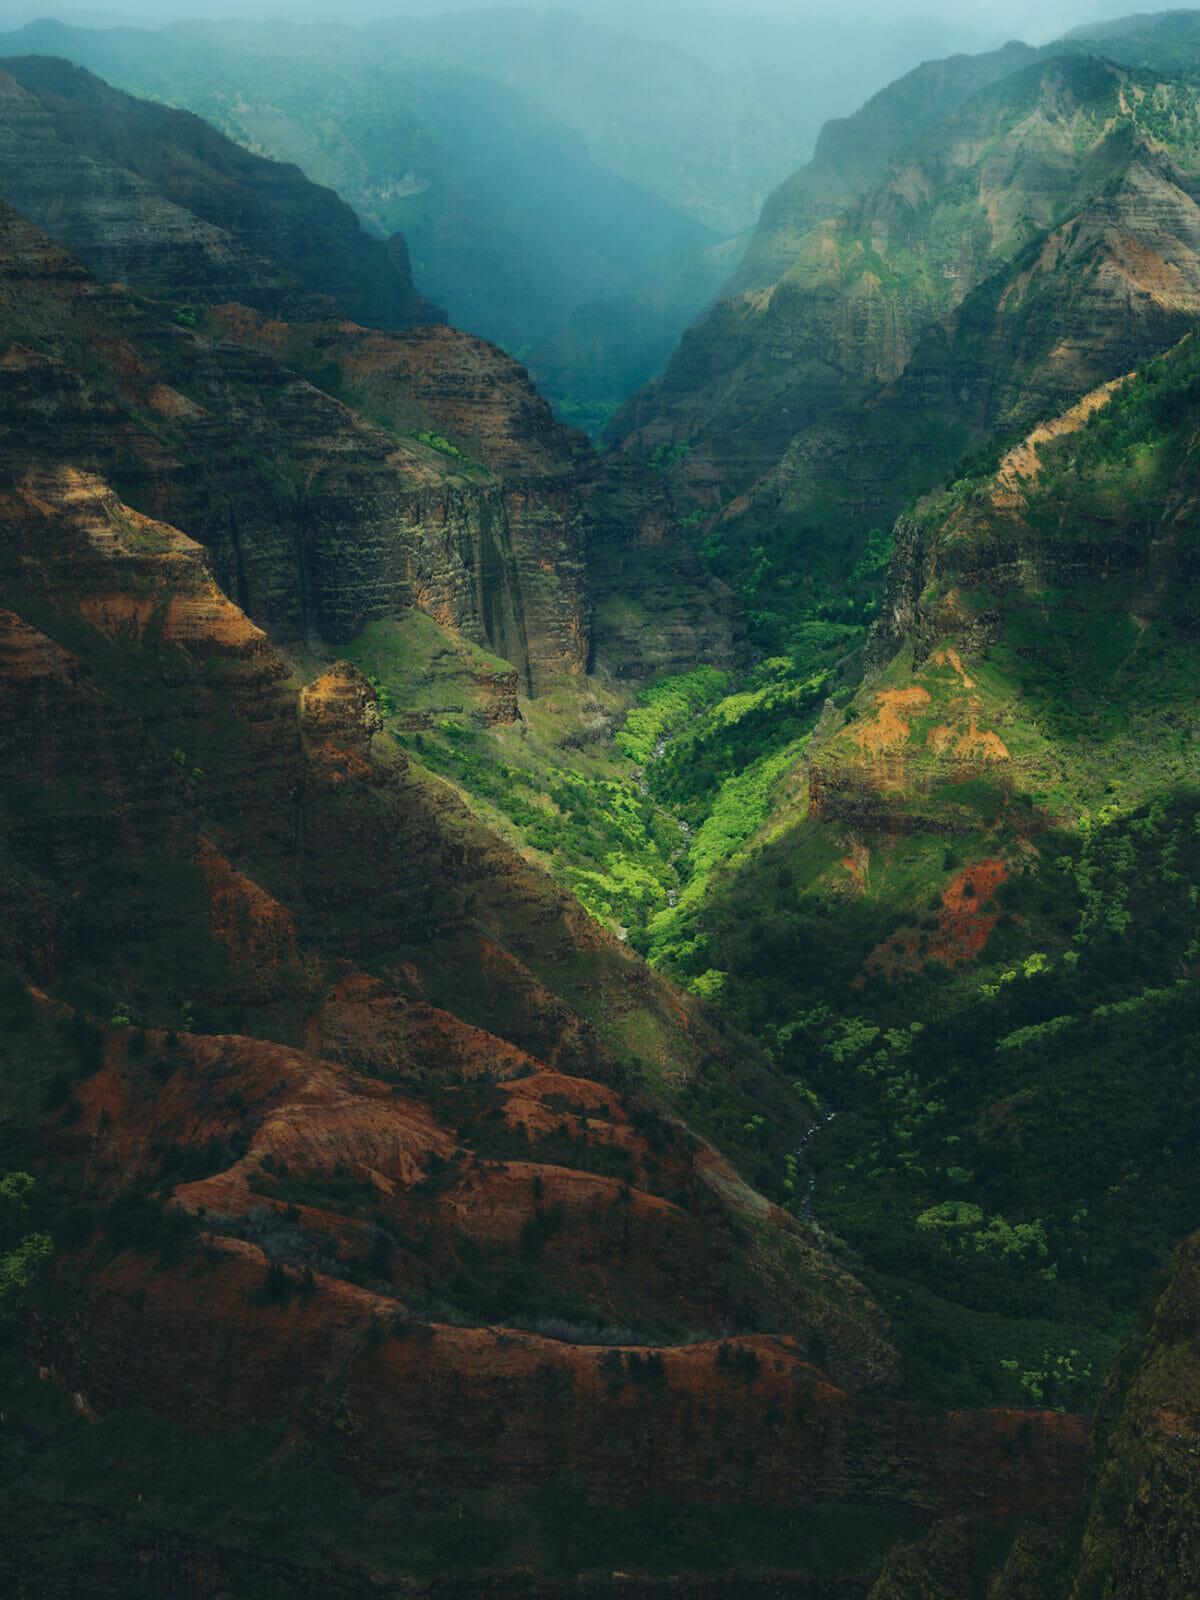 カウアイ島のワイメア渓谷展望台